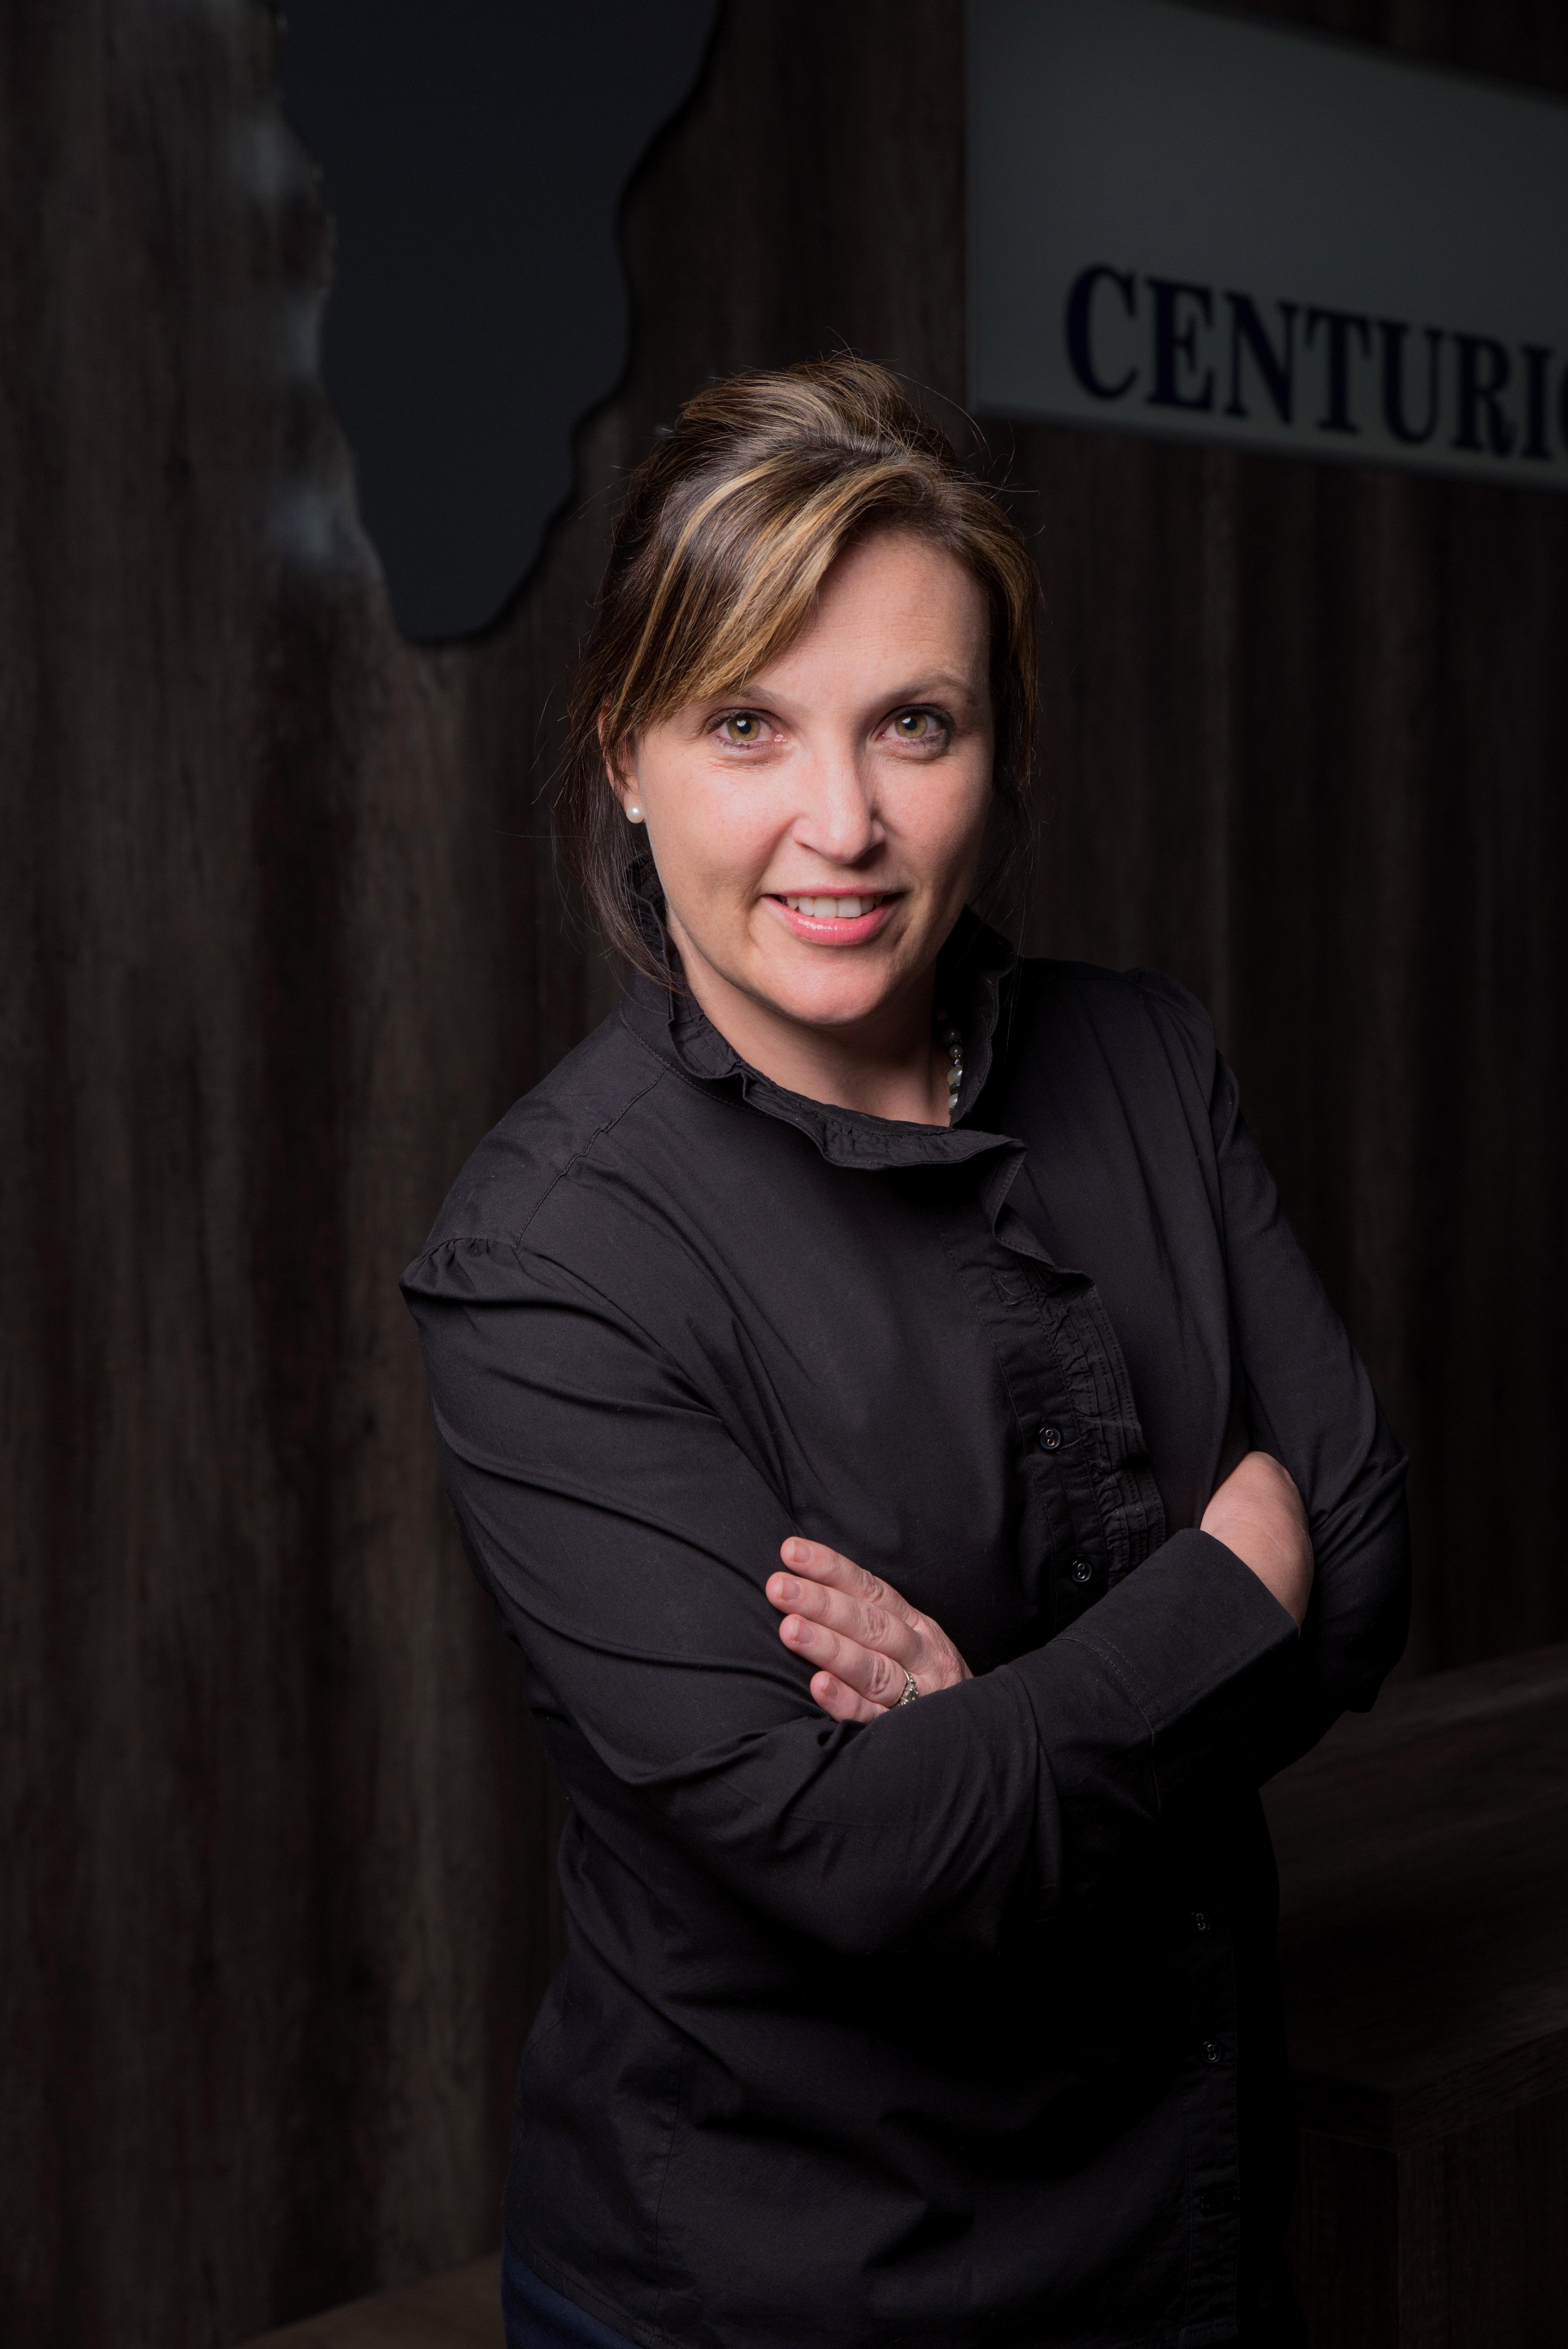 Glenda Irvine-Smith